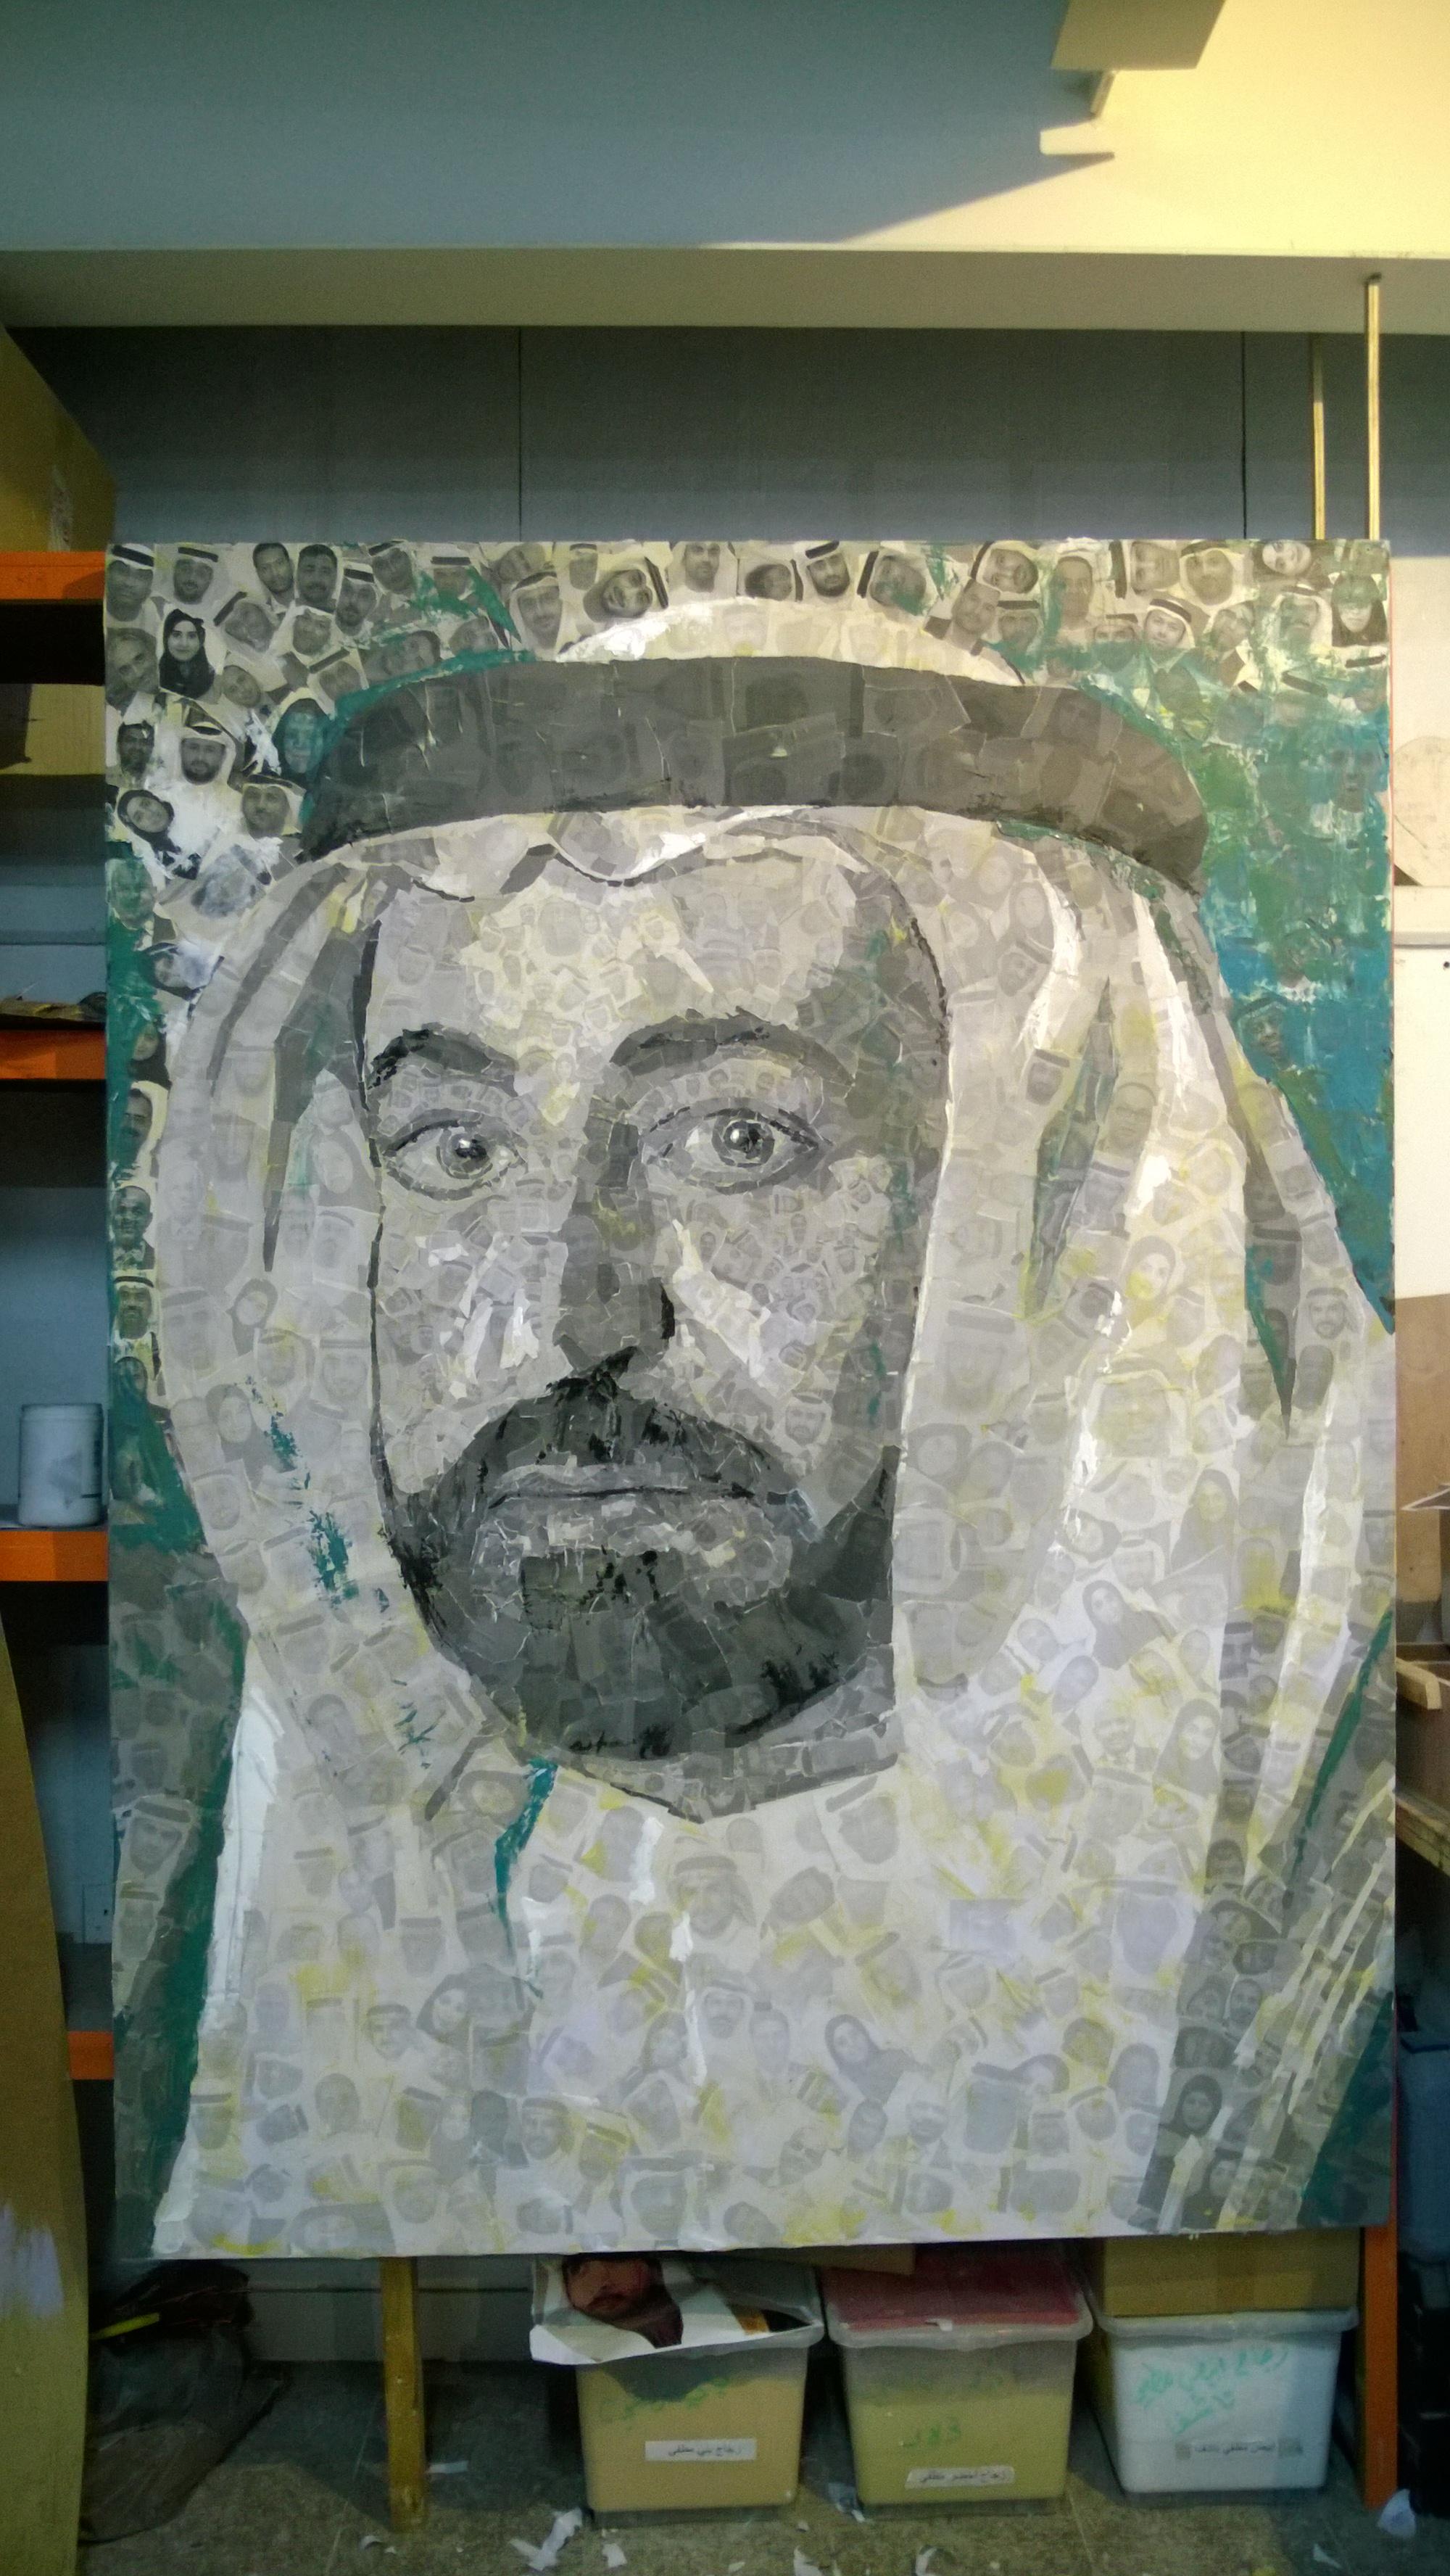 Sheikh Dr. Sultan Al Qasimi